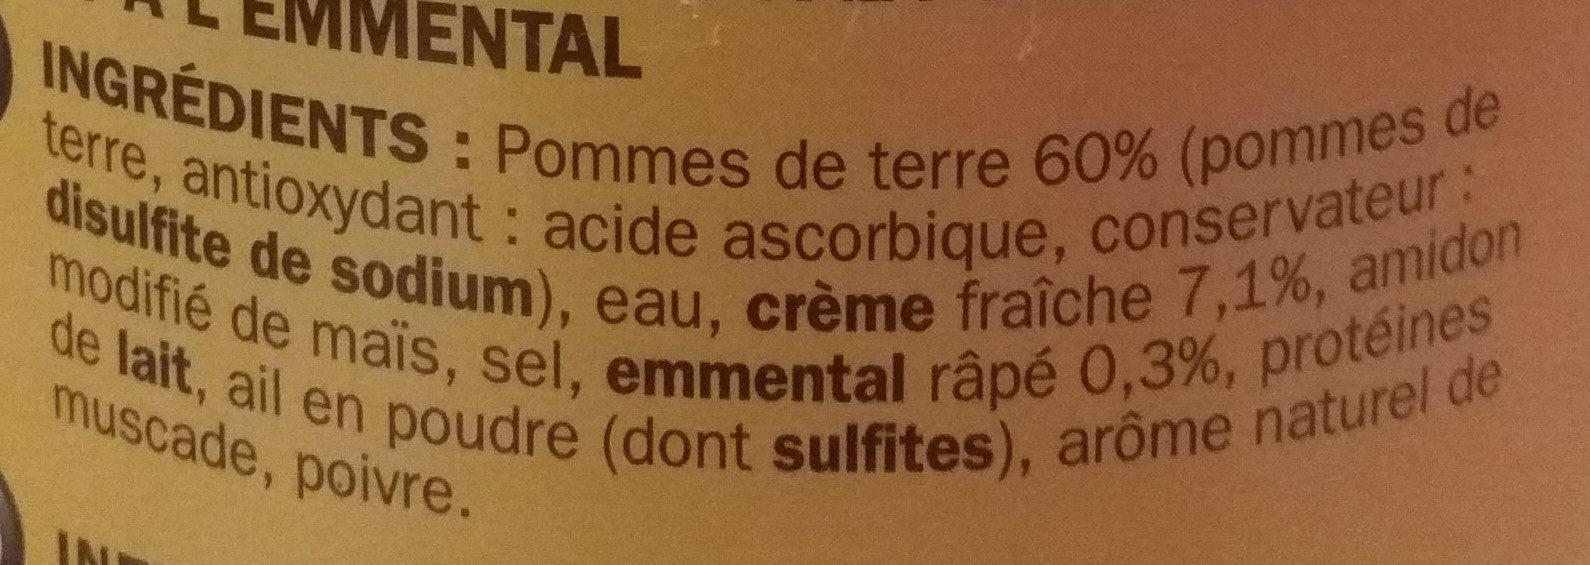 Gratin dauphinois - Ingrediënten - fr